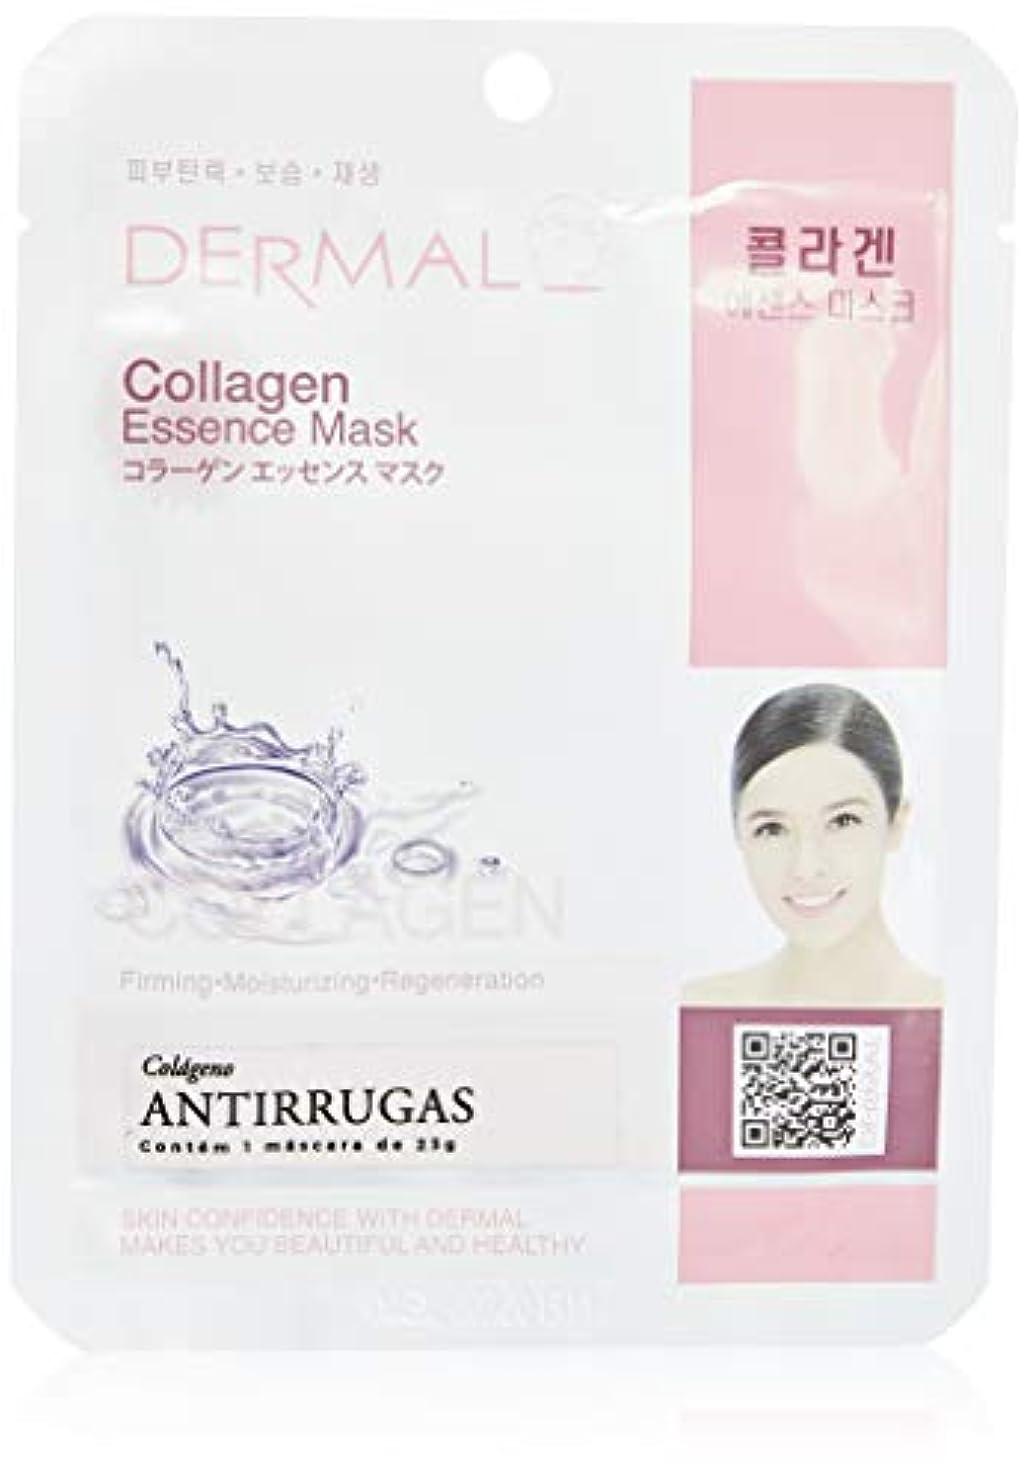 単調なオリエンタルアダルトシート マスク コラーゲン ダーマル Dermal 23g (10枚セット) 韓国コスメ フェイス パック